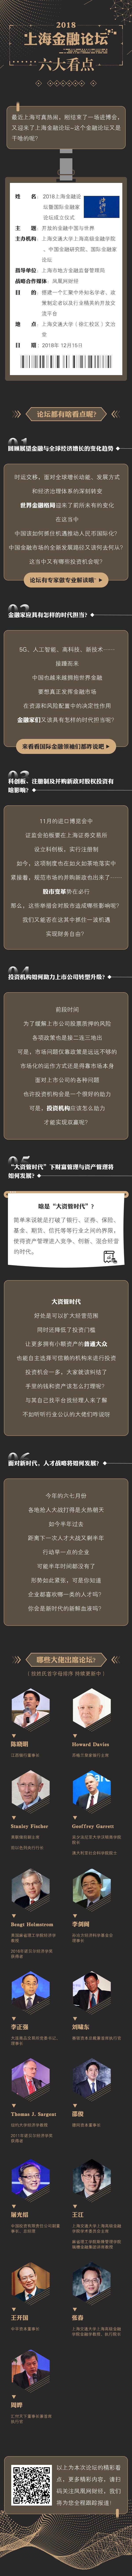 听说这届上海金融论坛很有料?